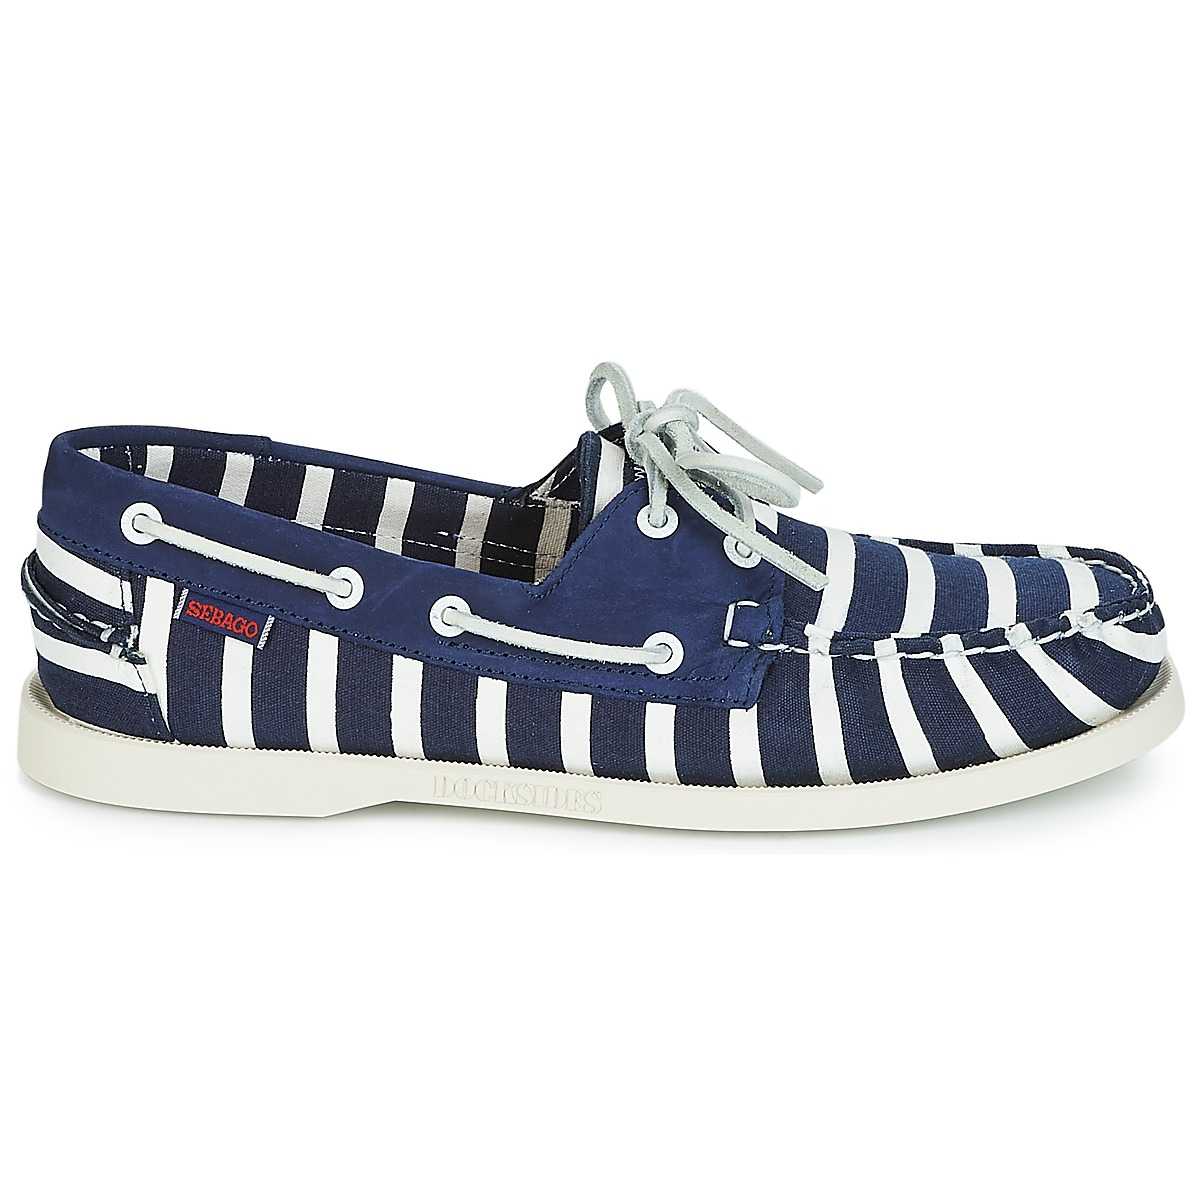 Sebago Chaussures Bateau Bateau Spinnaker Sebago Chaussures doeCxB